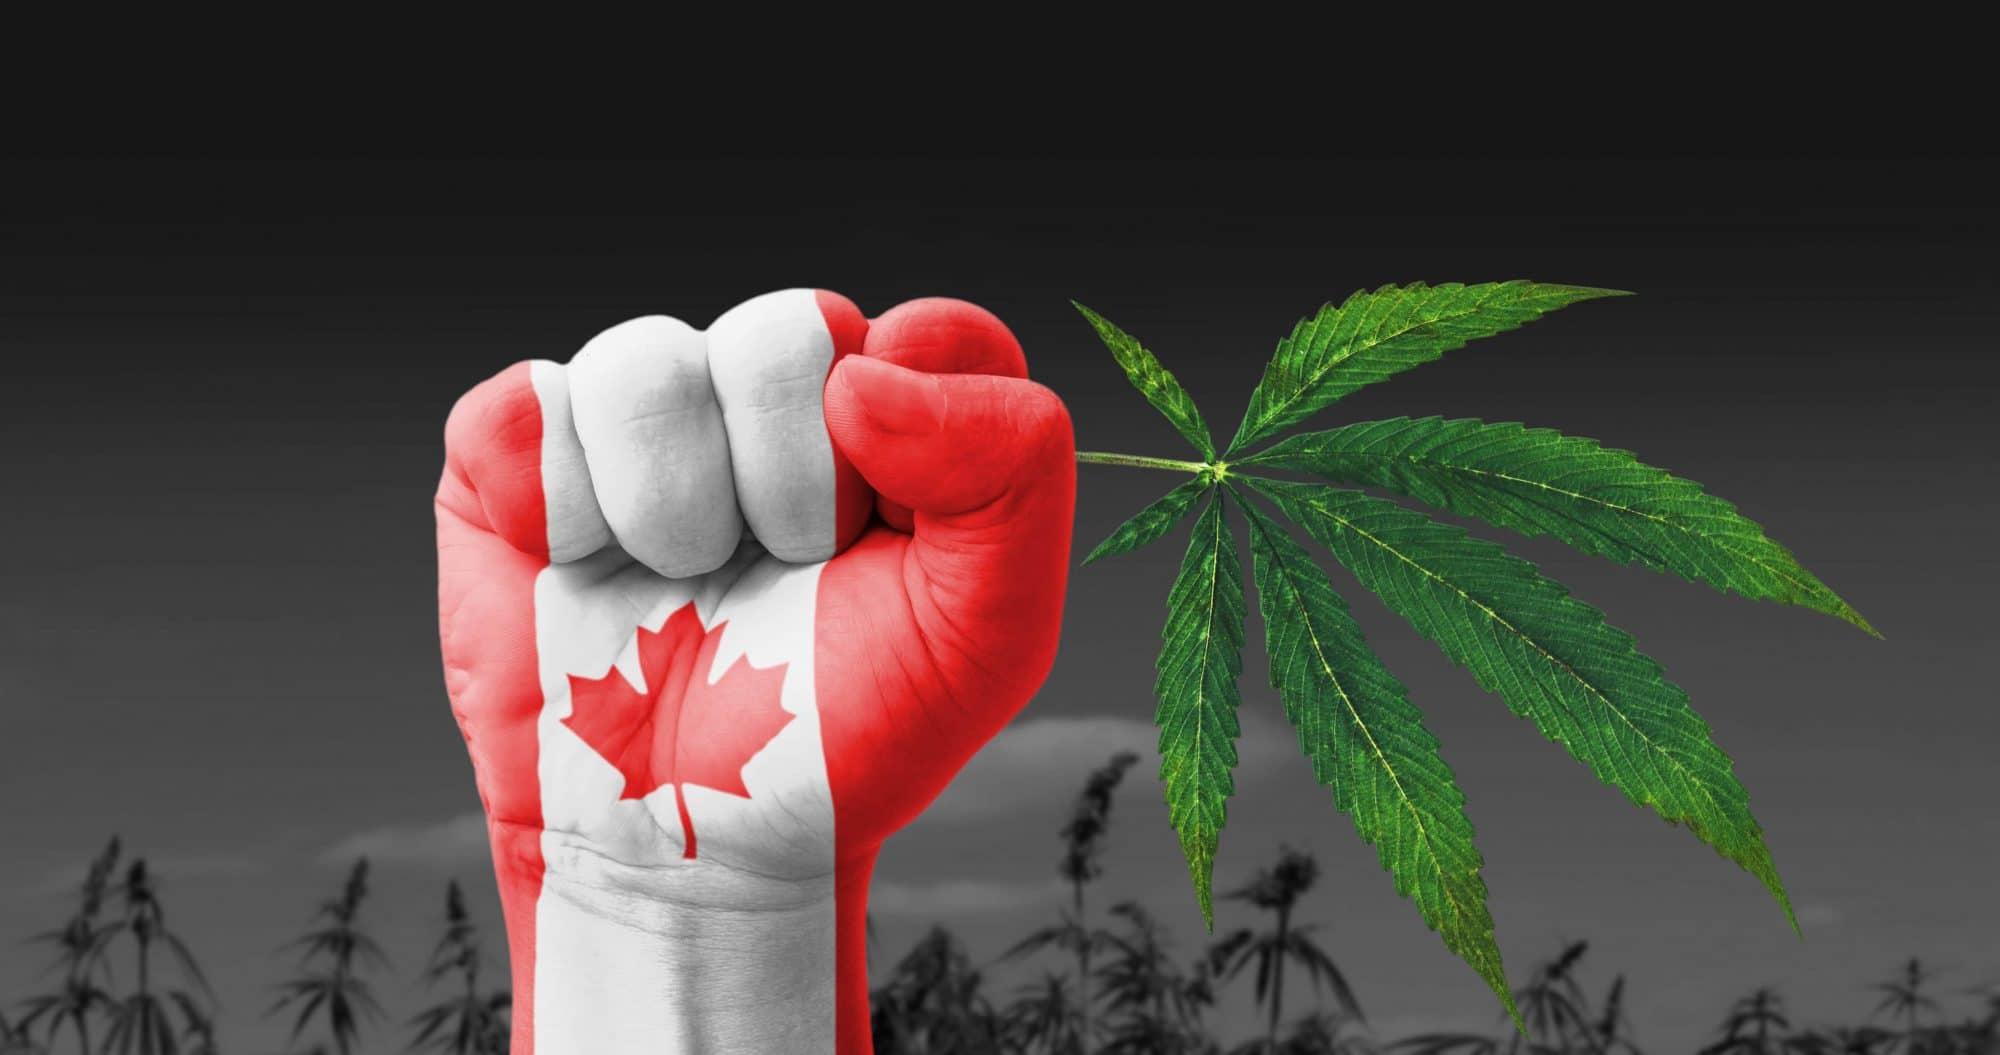 Nación Cannabis | Escasez de marihuana en Canadá